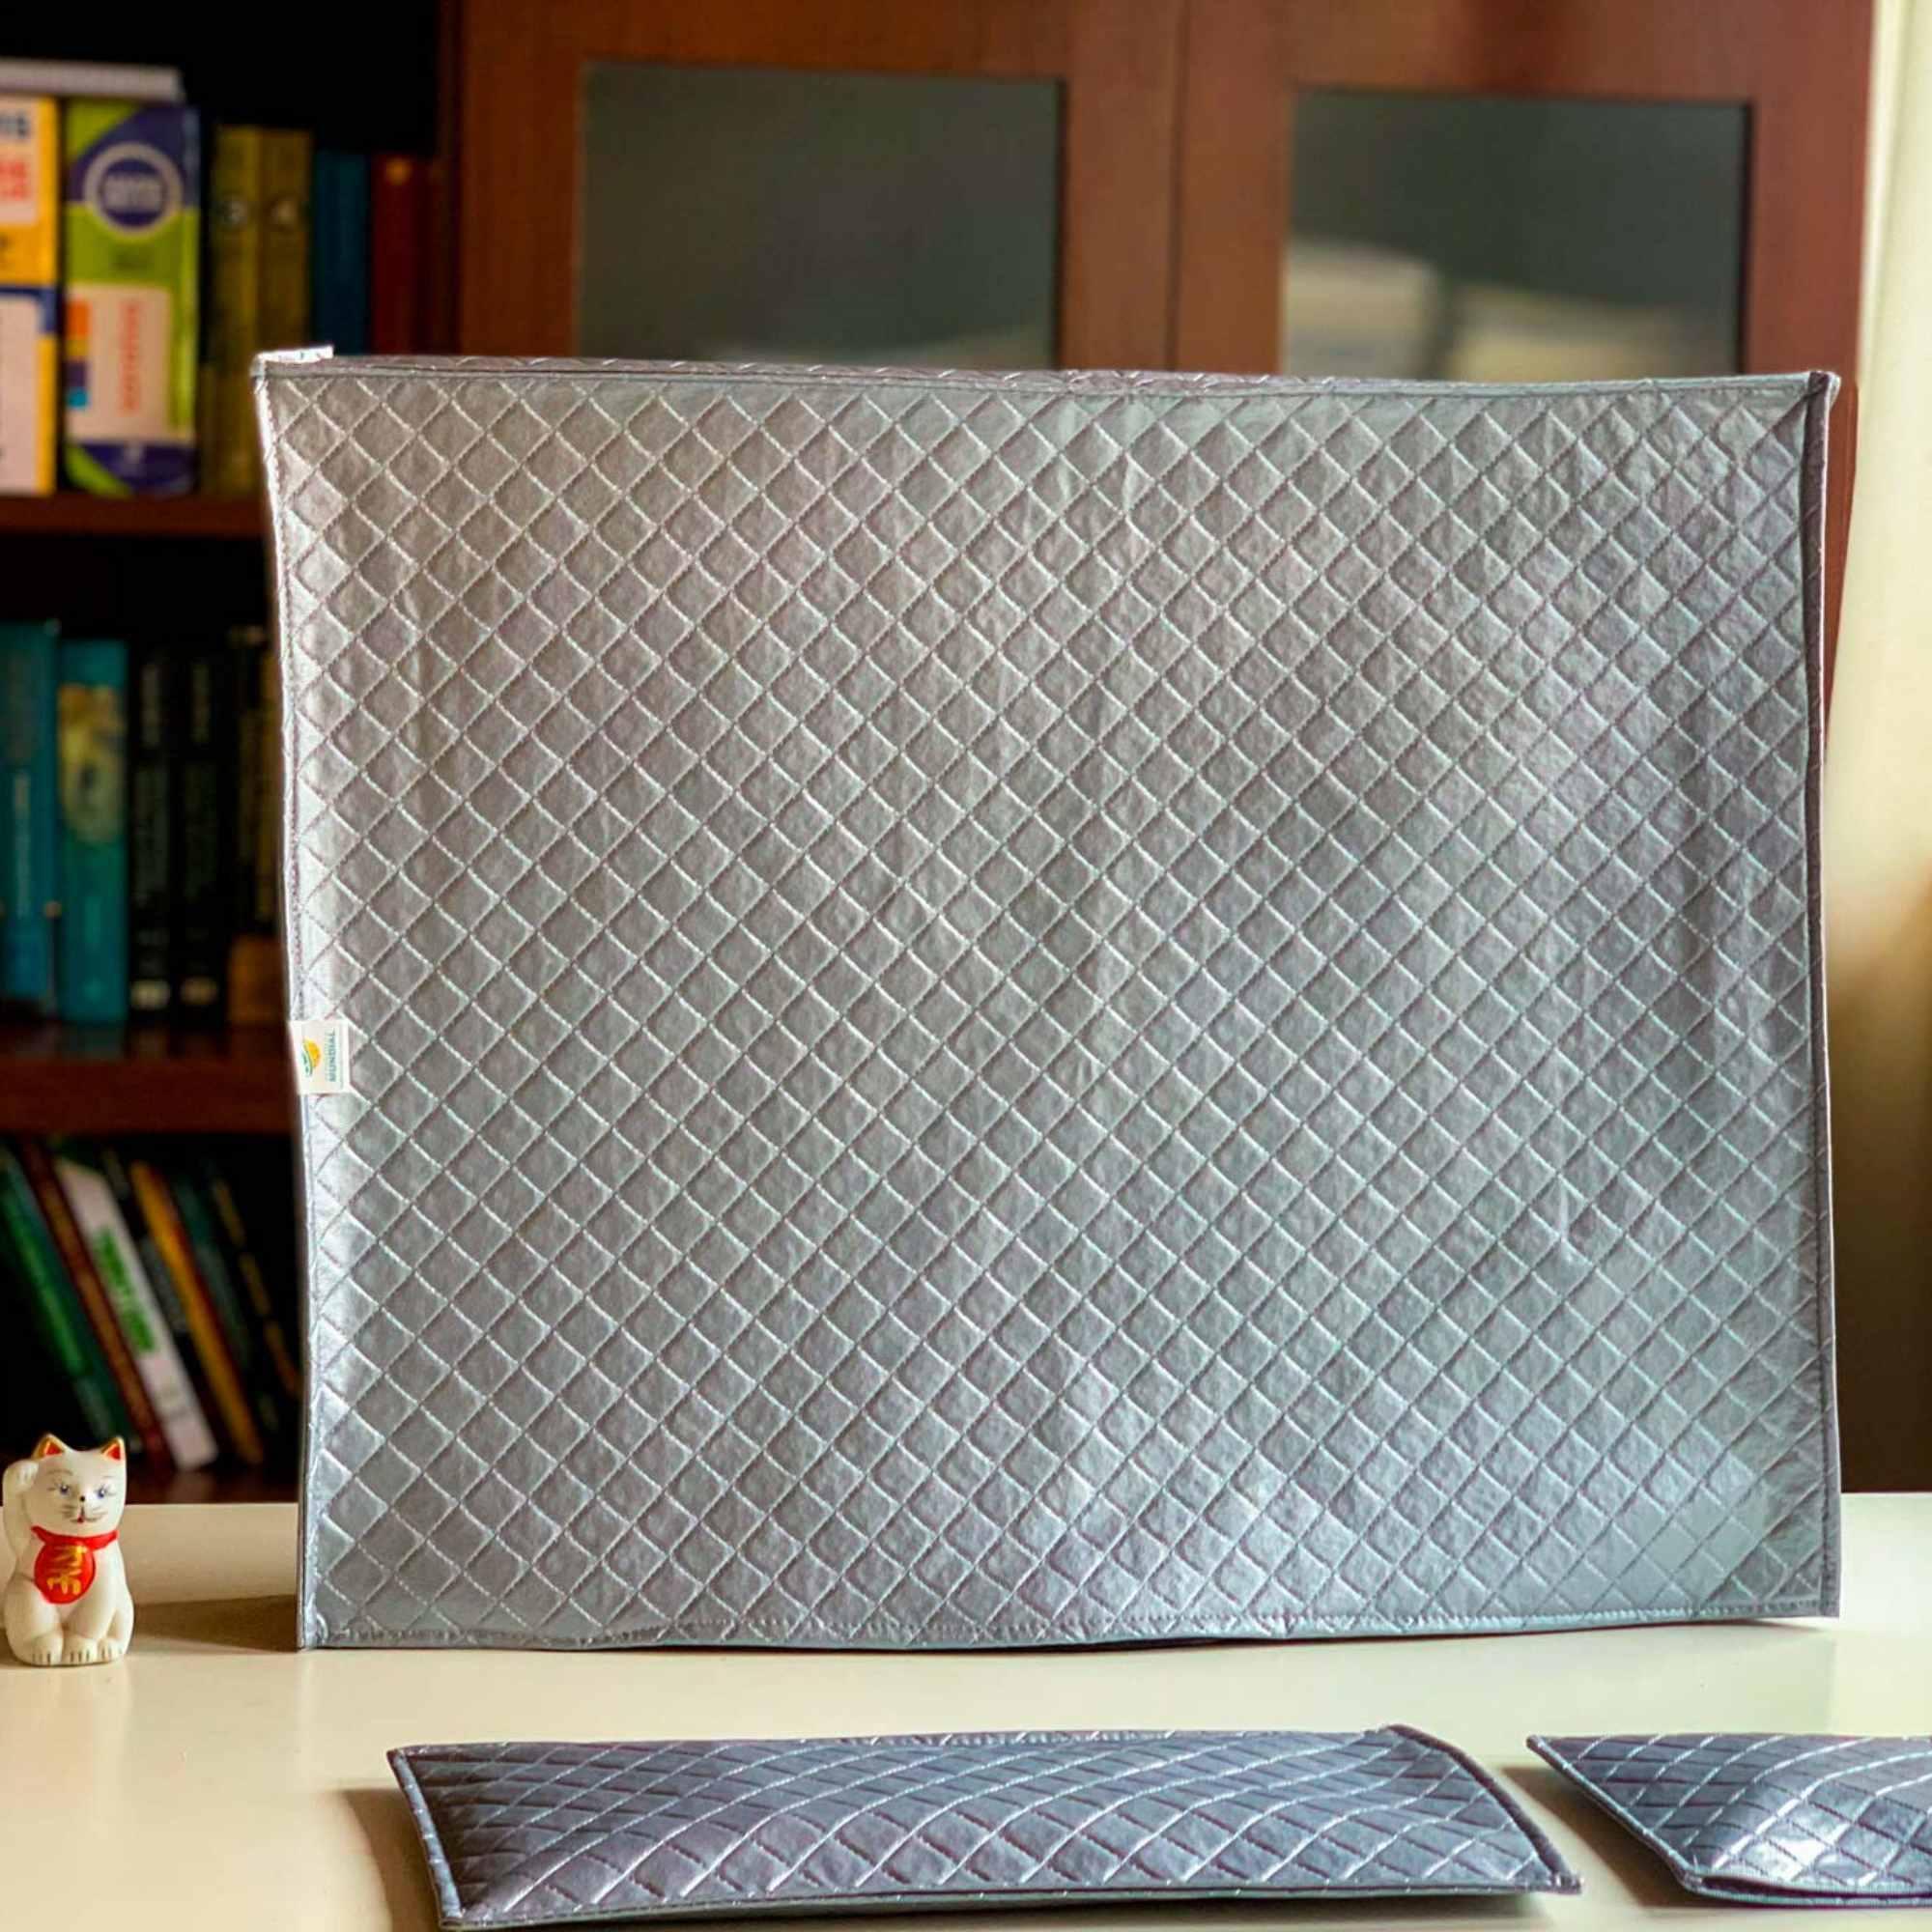 Case para Imac de 27 polegadas na cor Cinza com Capa de teclado e mouse  em Corino Impermeável Super Luxo